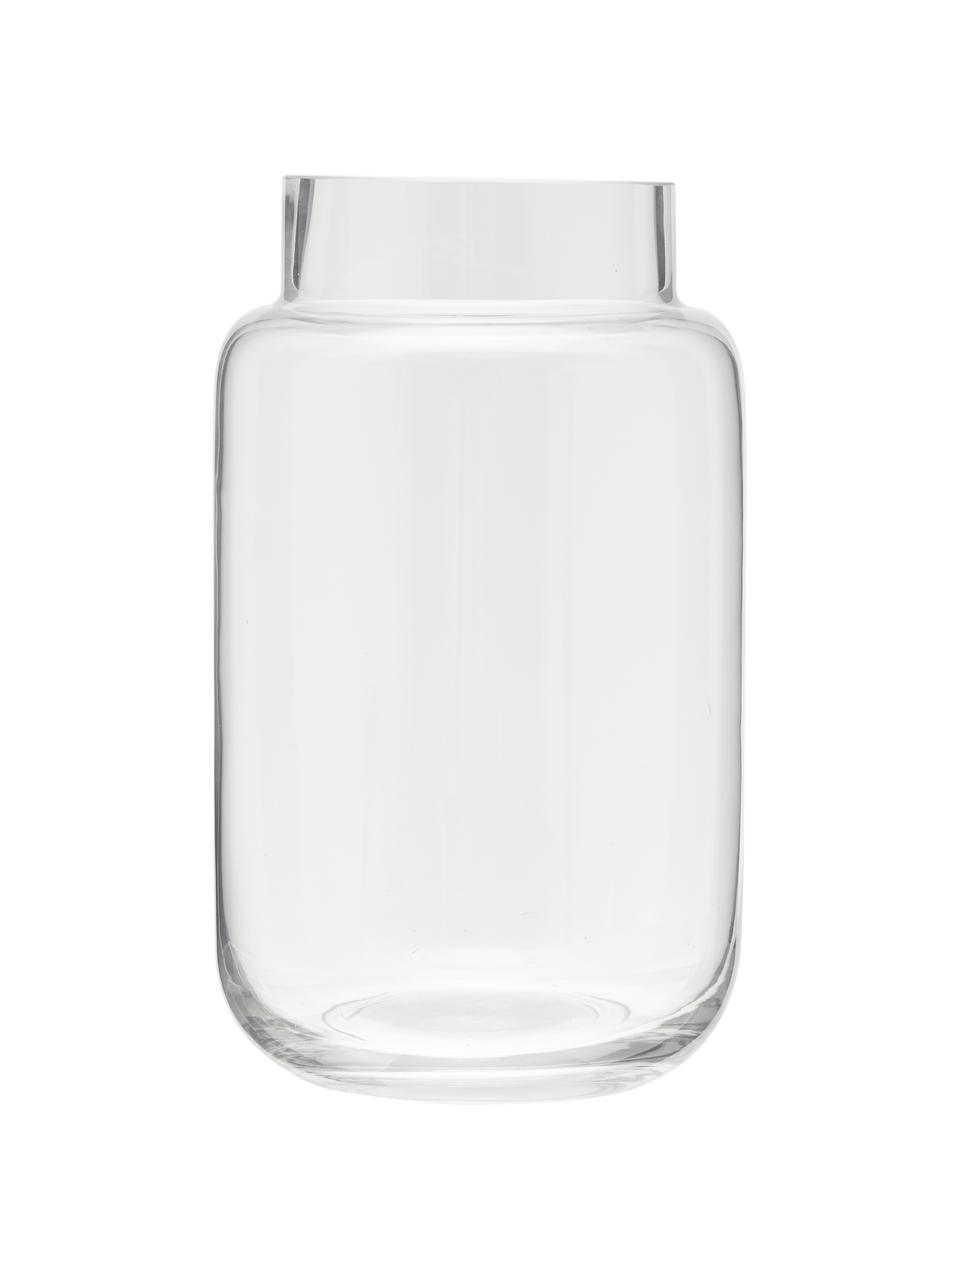 Glas-Vase Lasse, groß, Glas, Transparent, Ø 13 x H 22 cm